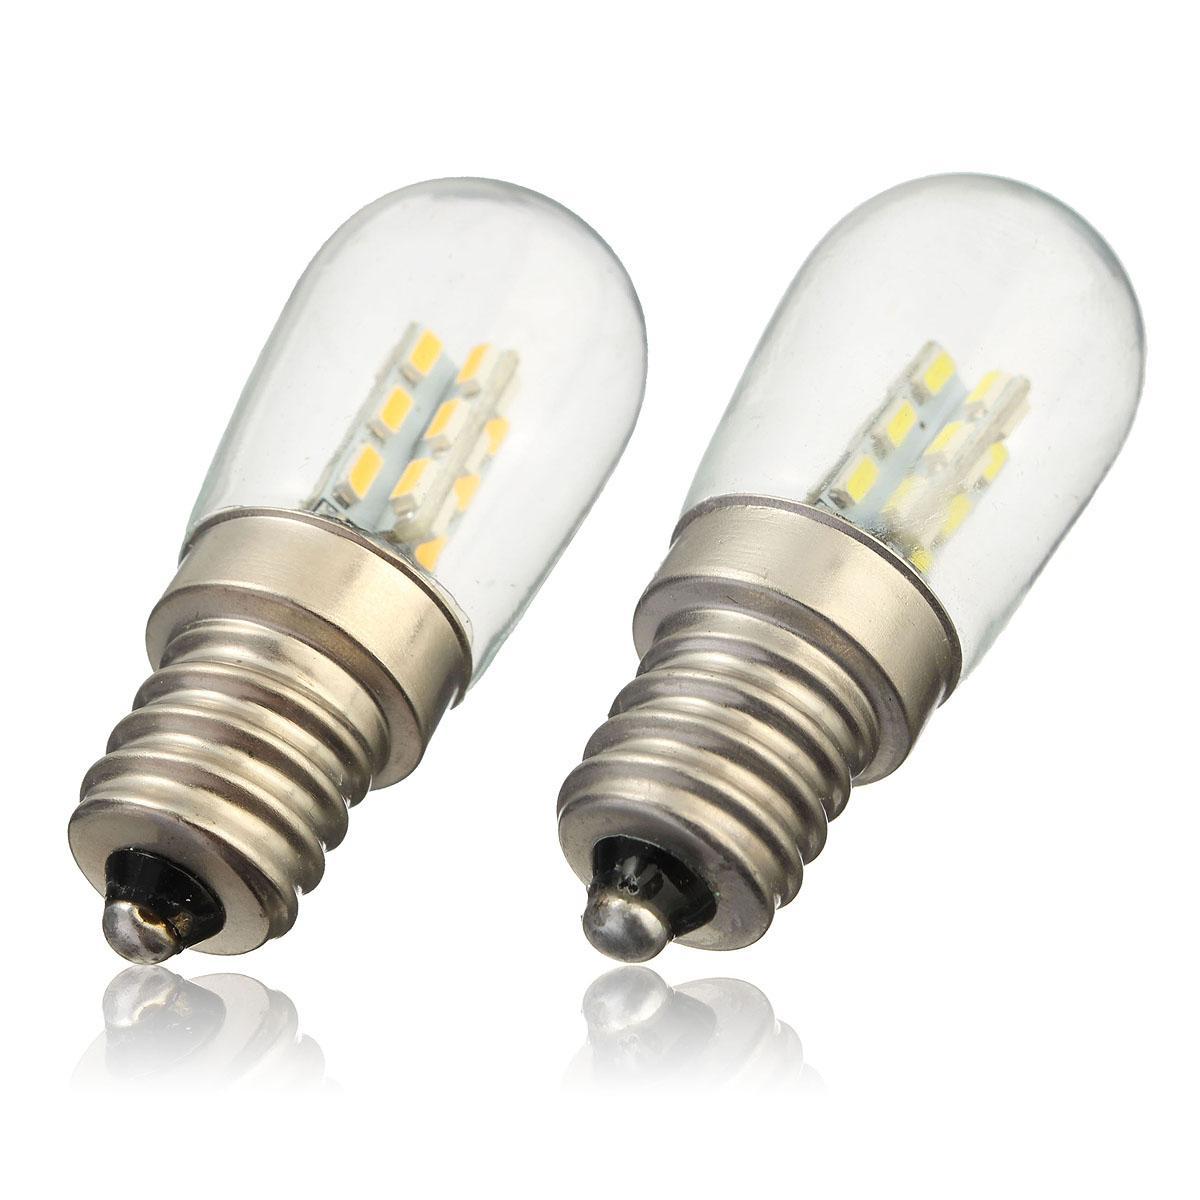 Lumière À Machine E12 Réfrigérateur 3014 Pour 2w Ampoule Lampe Blanc Coudre Led Luminosité 220v En Chaude Verre Smd Pur Haute 24 34Aq5jLR